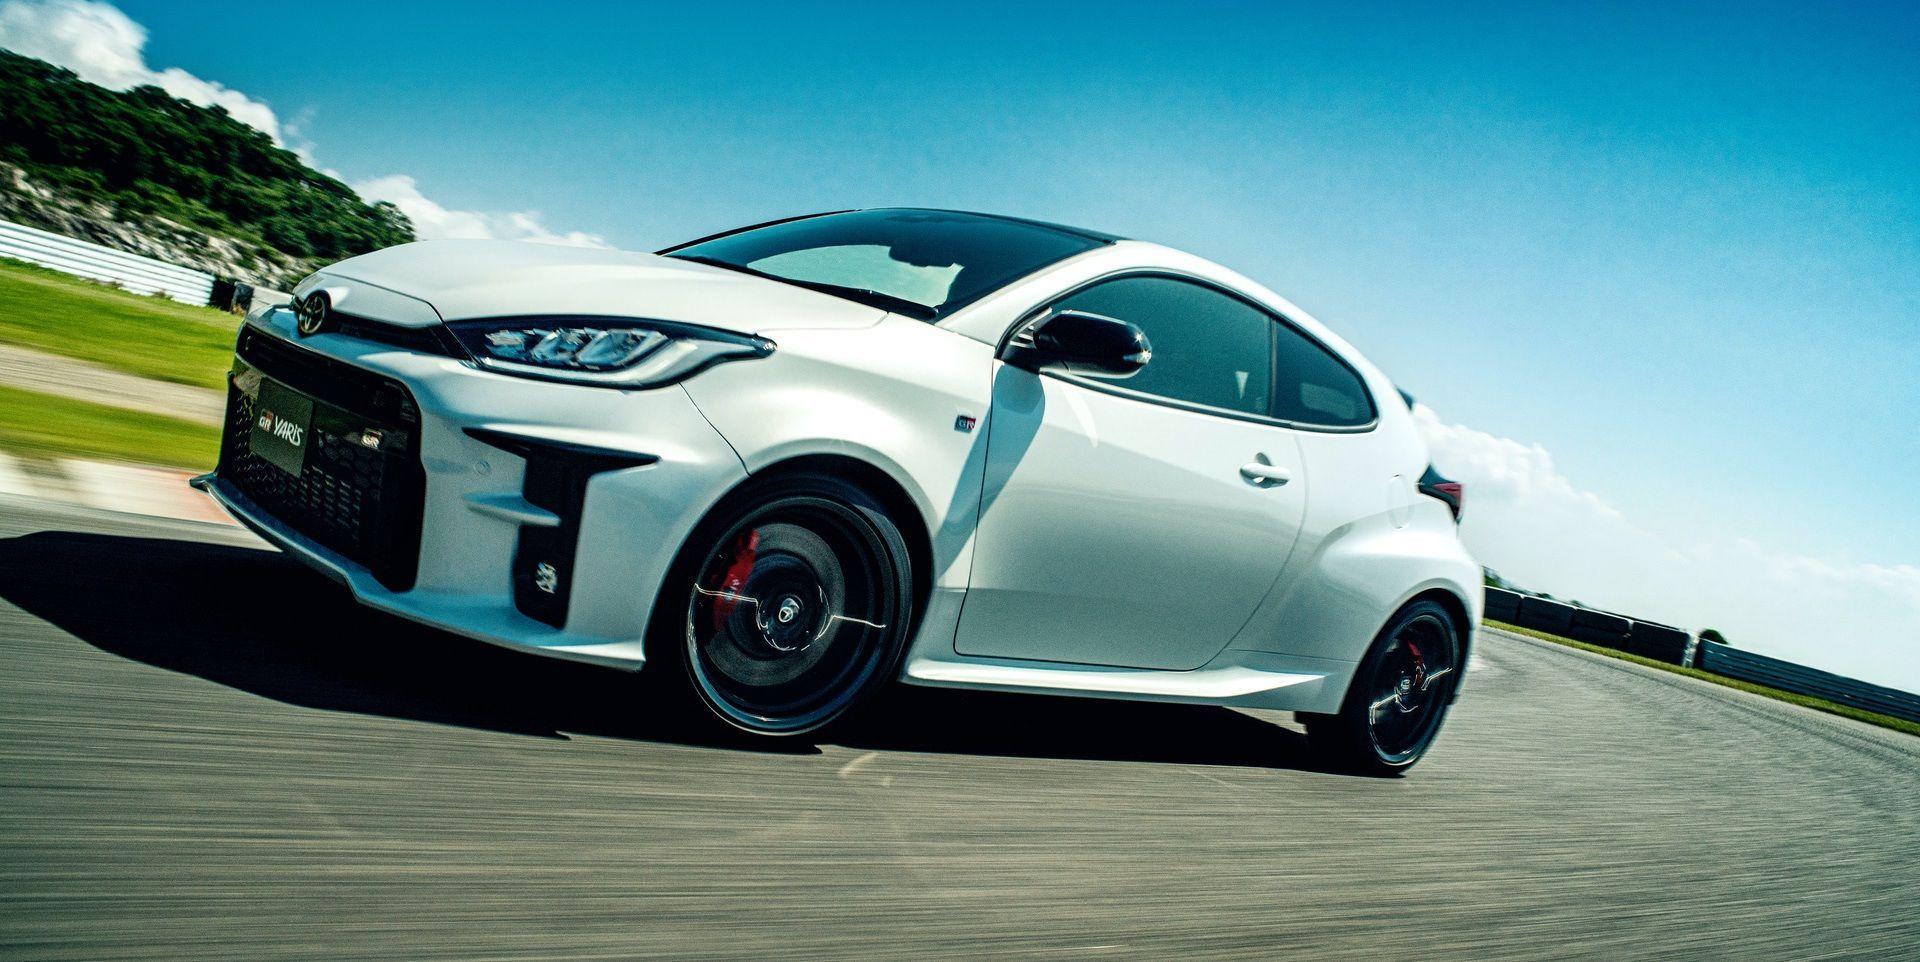 Toyota_GR_Yaris_JDM_0003